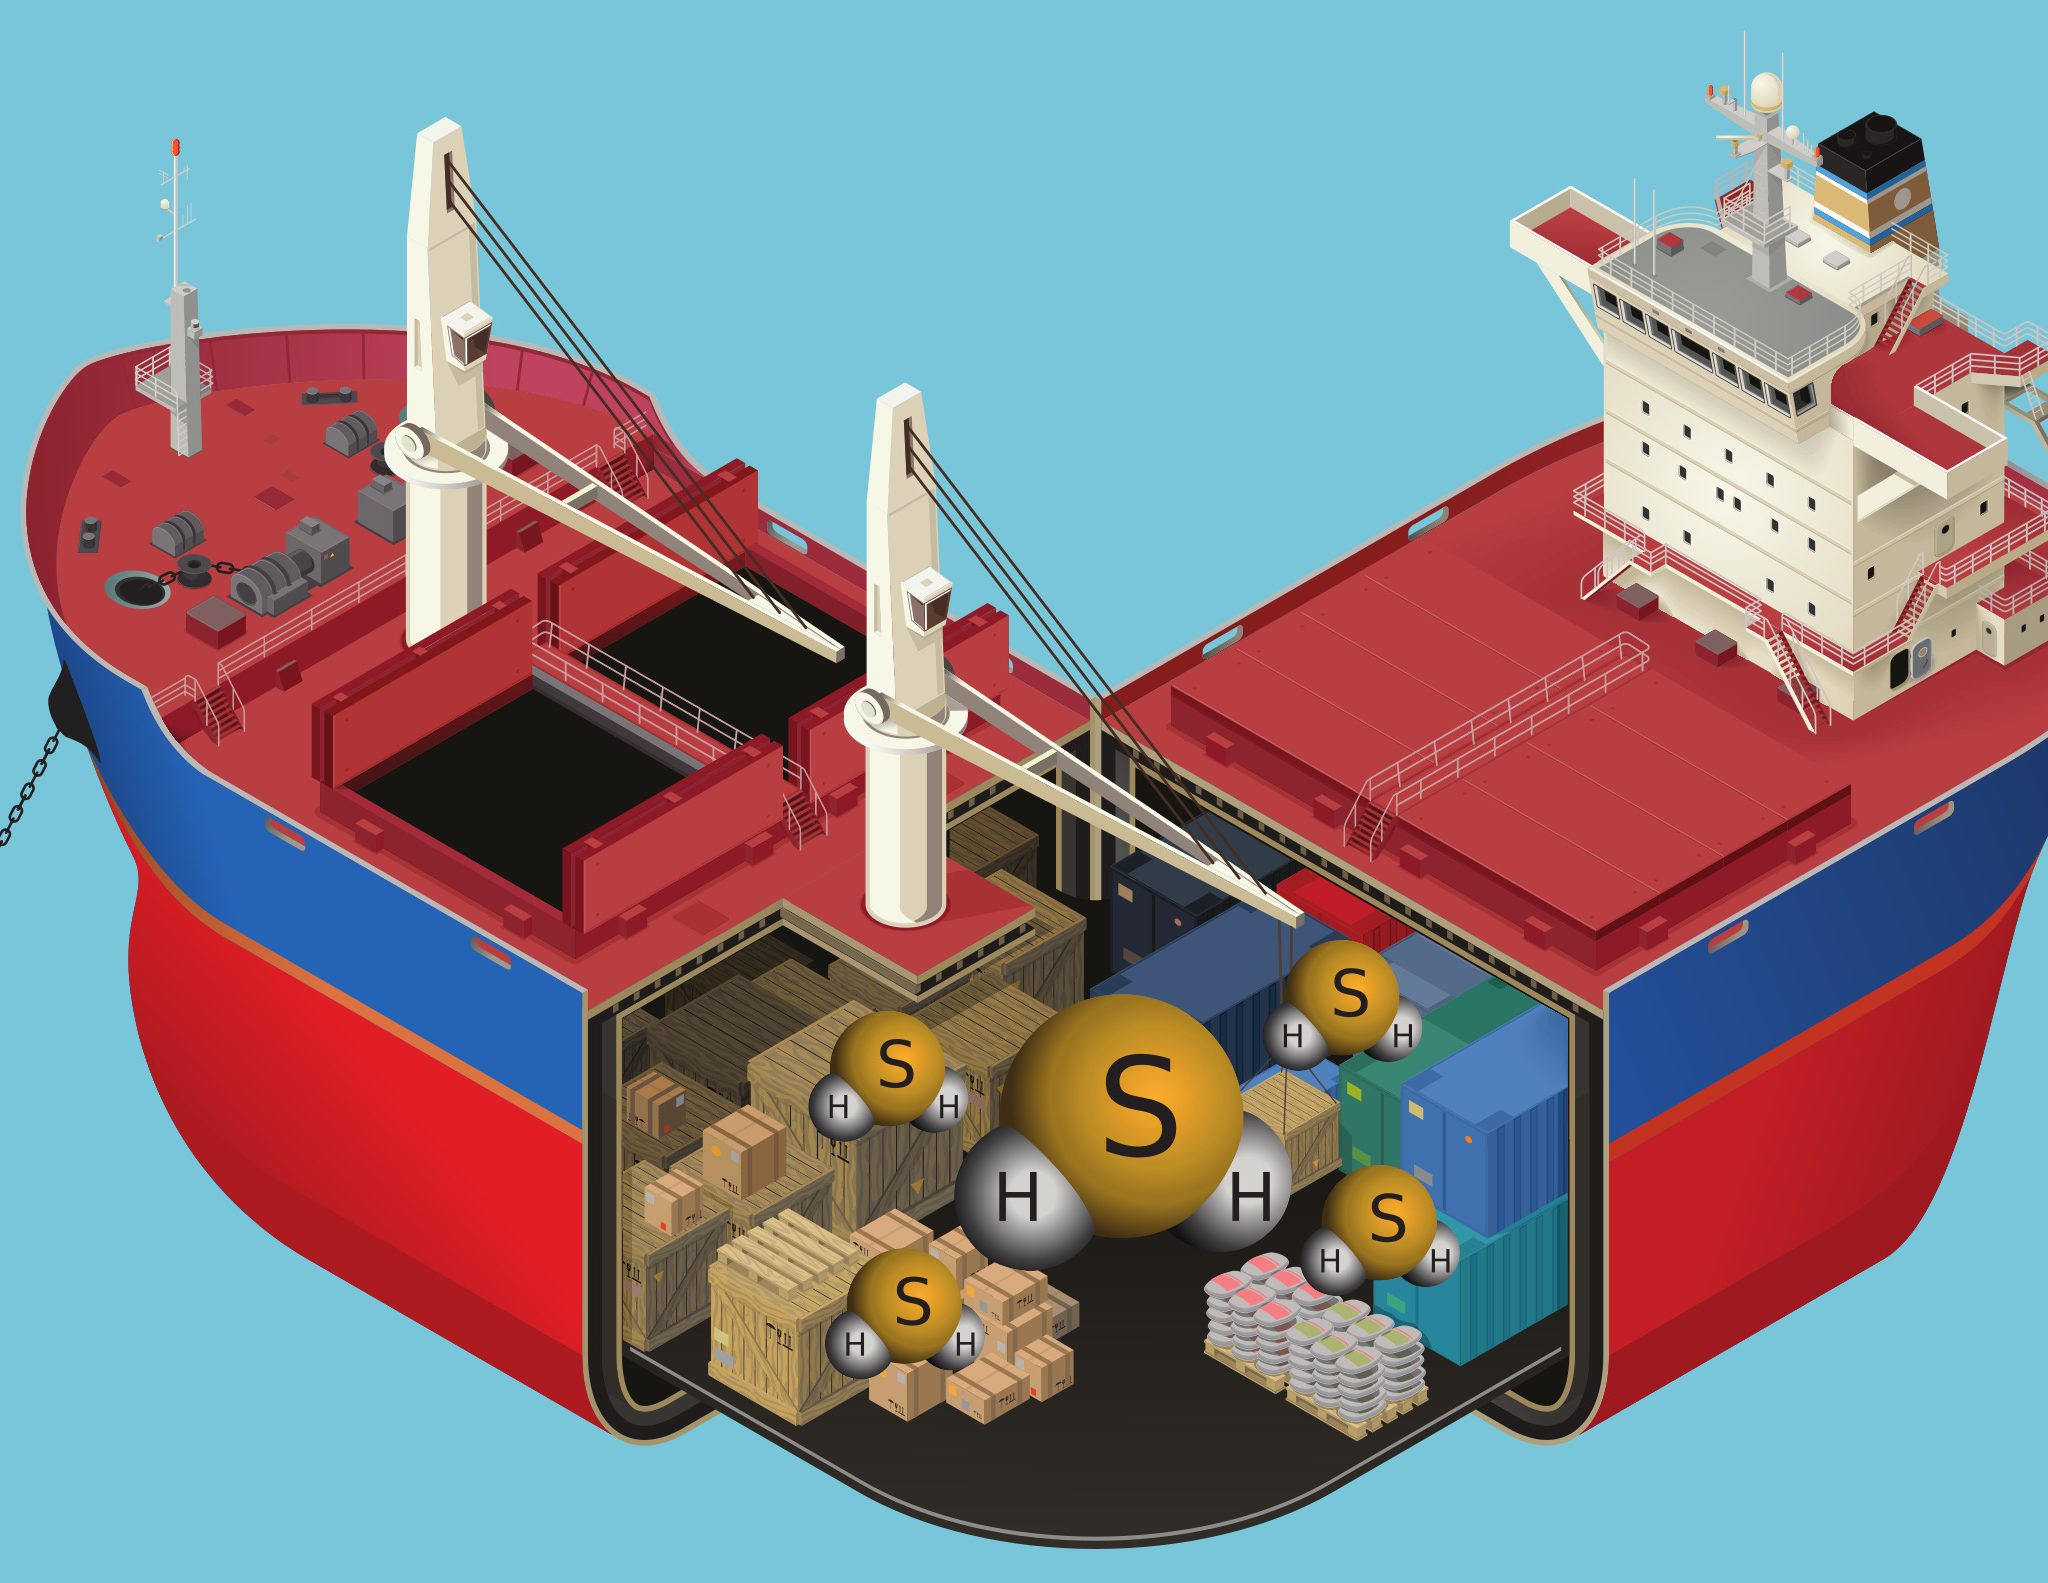 Als je de lucht van rotte eieren ruikt bij de accu's is het oppassen geblazen. Meteen ventileren en verlaat het schip of de ruimte waar de accu's staan. Illustratie Bureau OMA